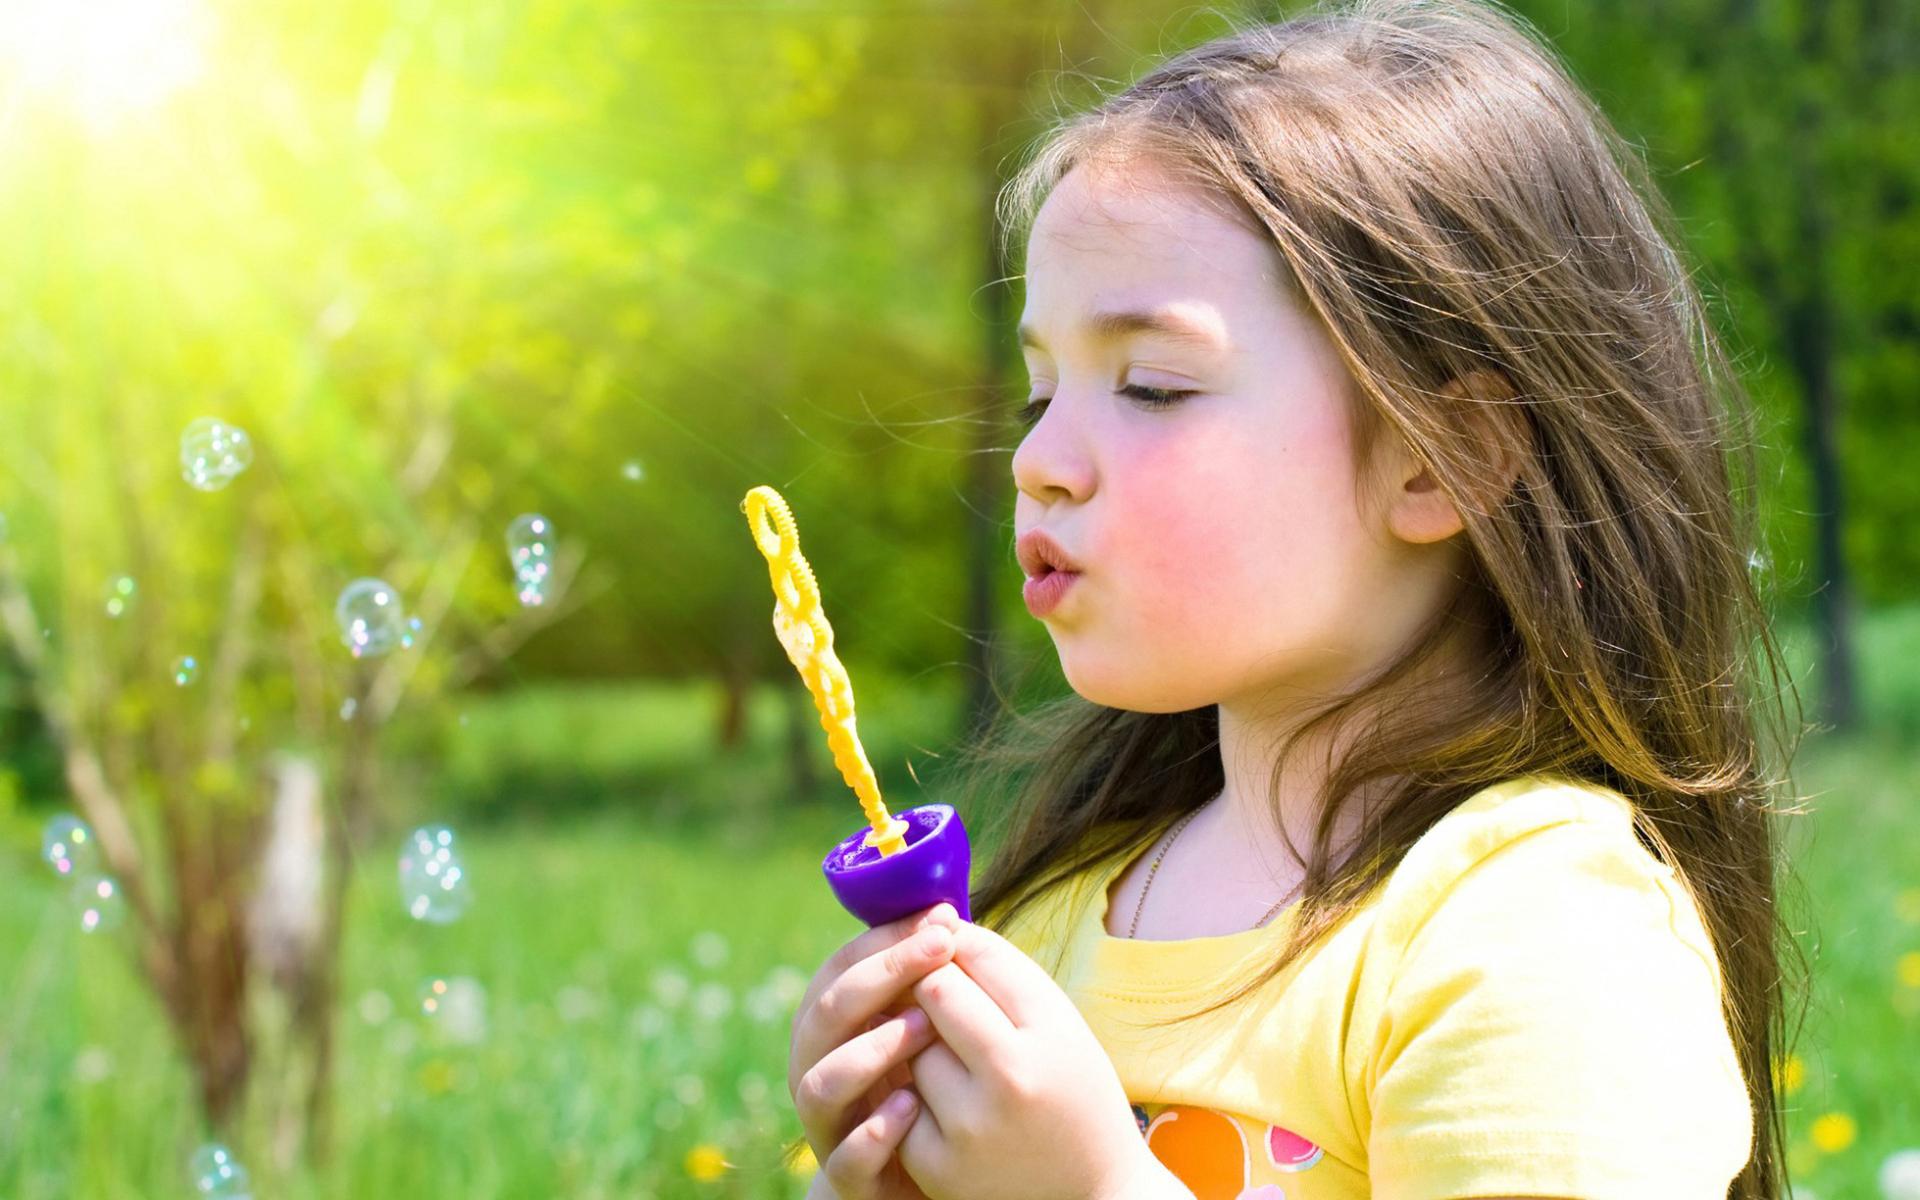 Hình ảnh bé gái chơi đùa dễ thương